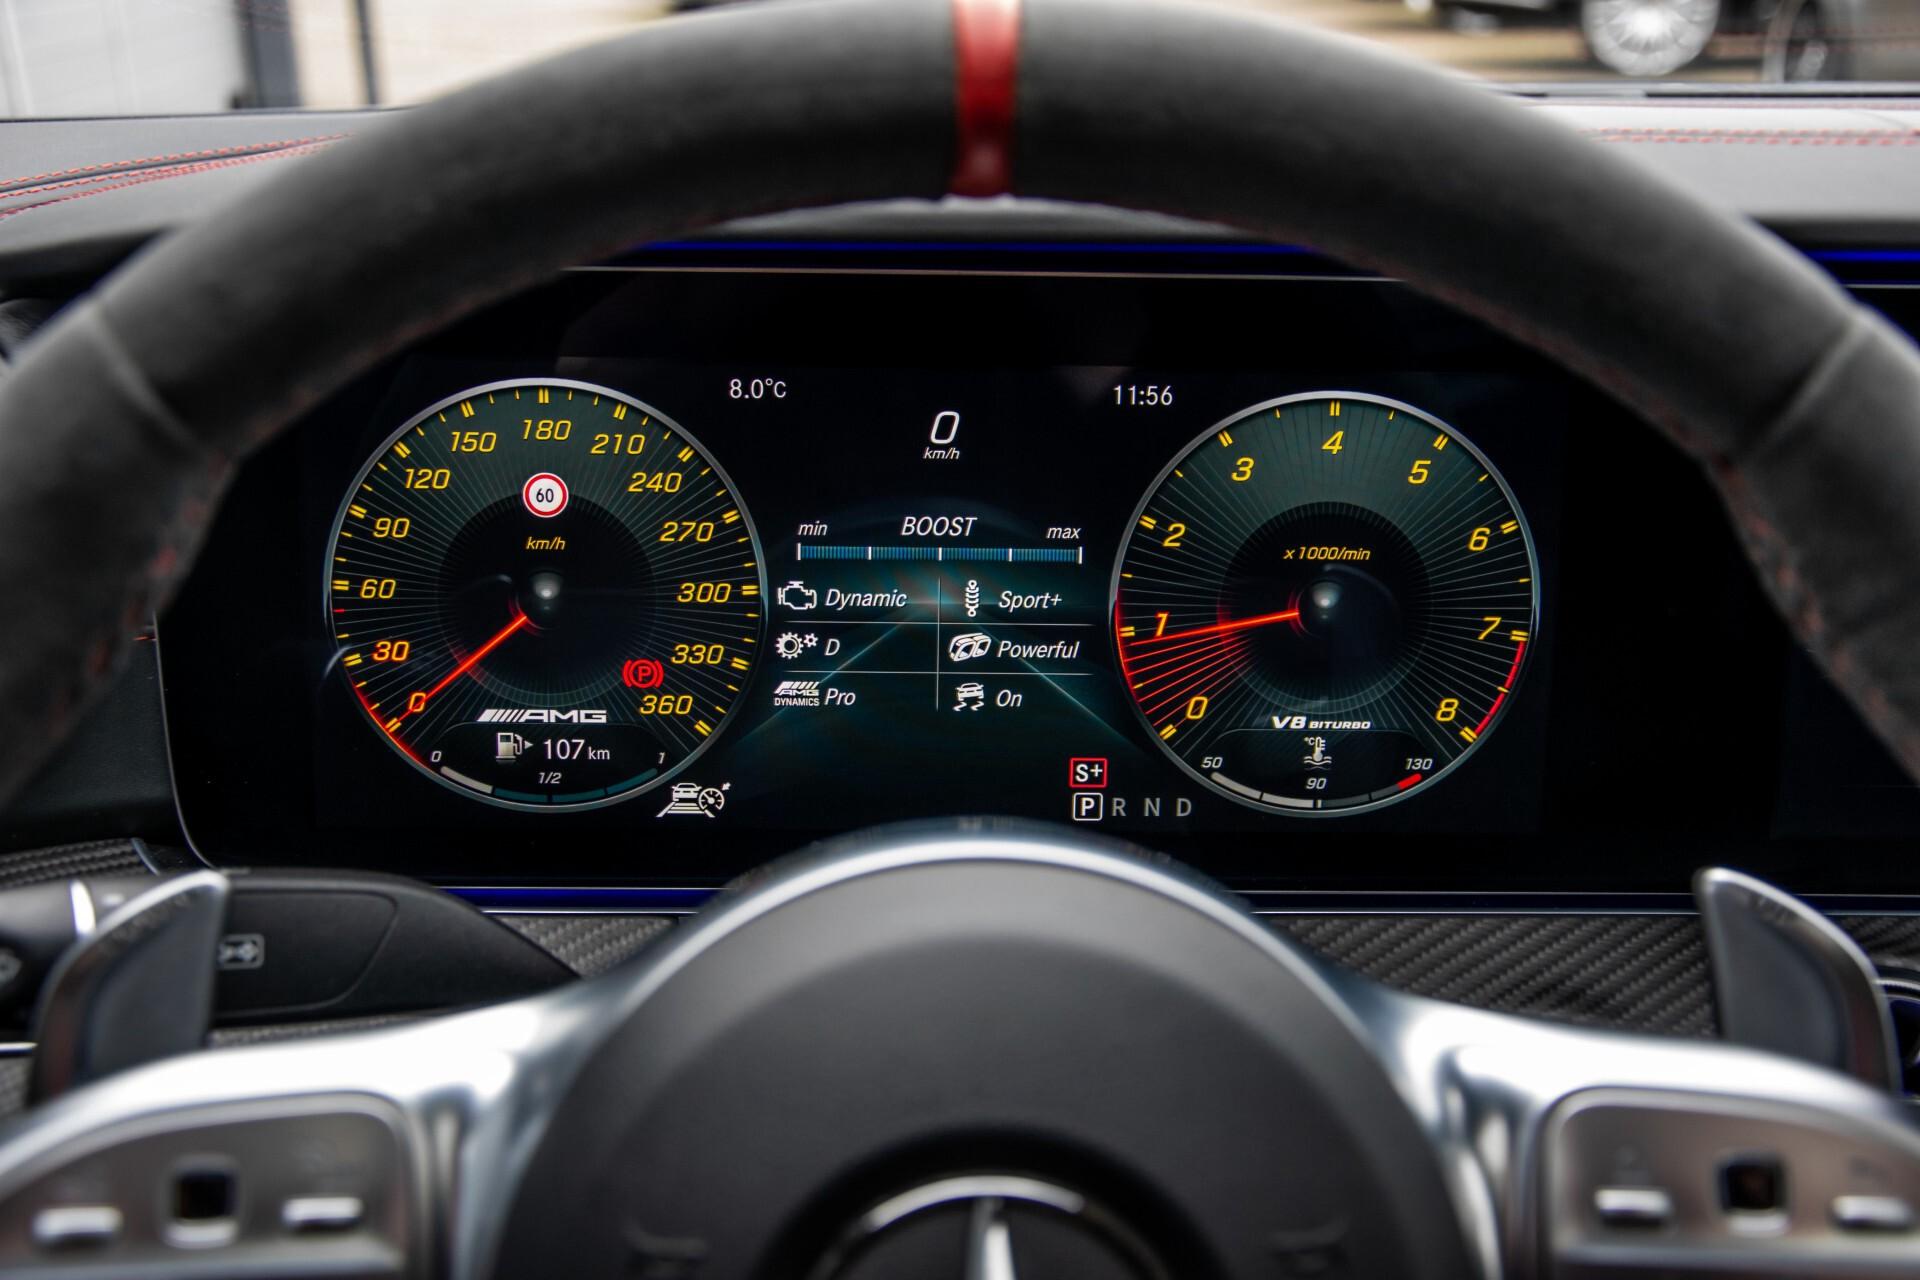 Mercedes-Benz AMG GT 4-Door Coupe 63 S 4M+ Keramisch/Full Carbon/Aerodynamica/Burmester 3D/TV/Performance stoelen/Standkachel Aut9 Foto 55